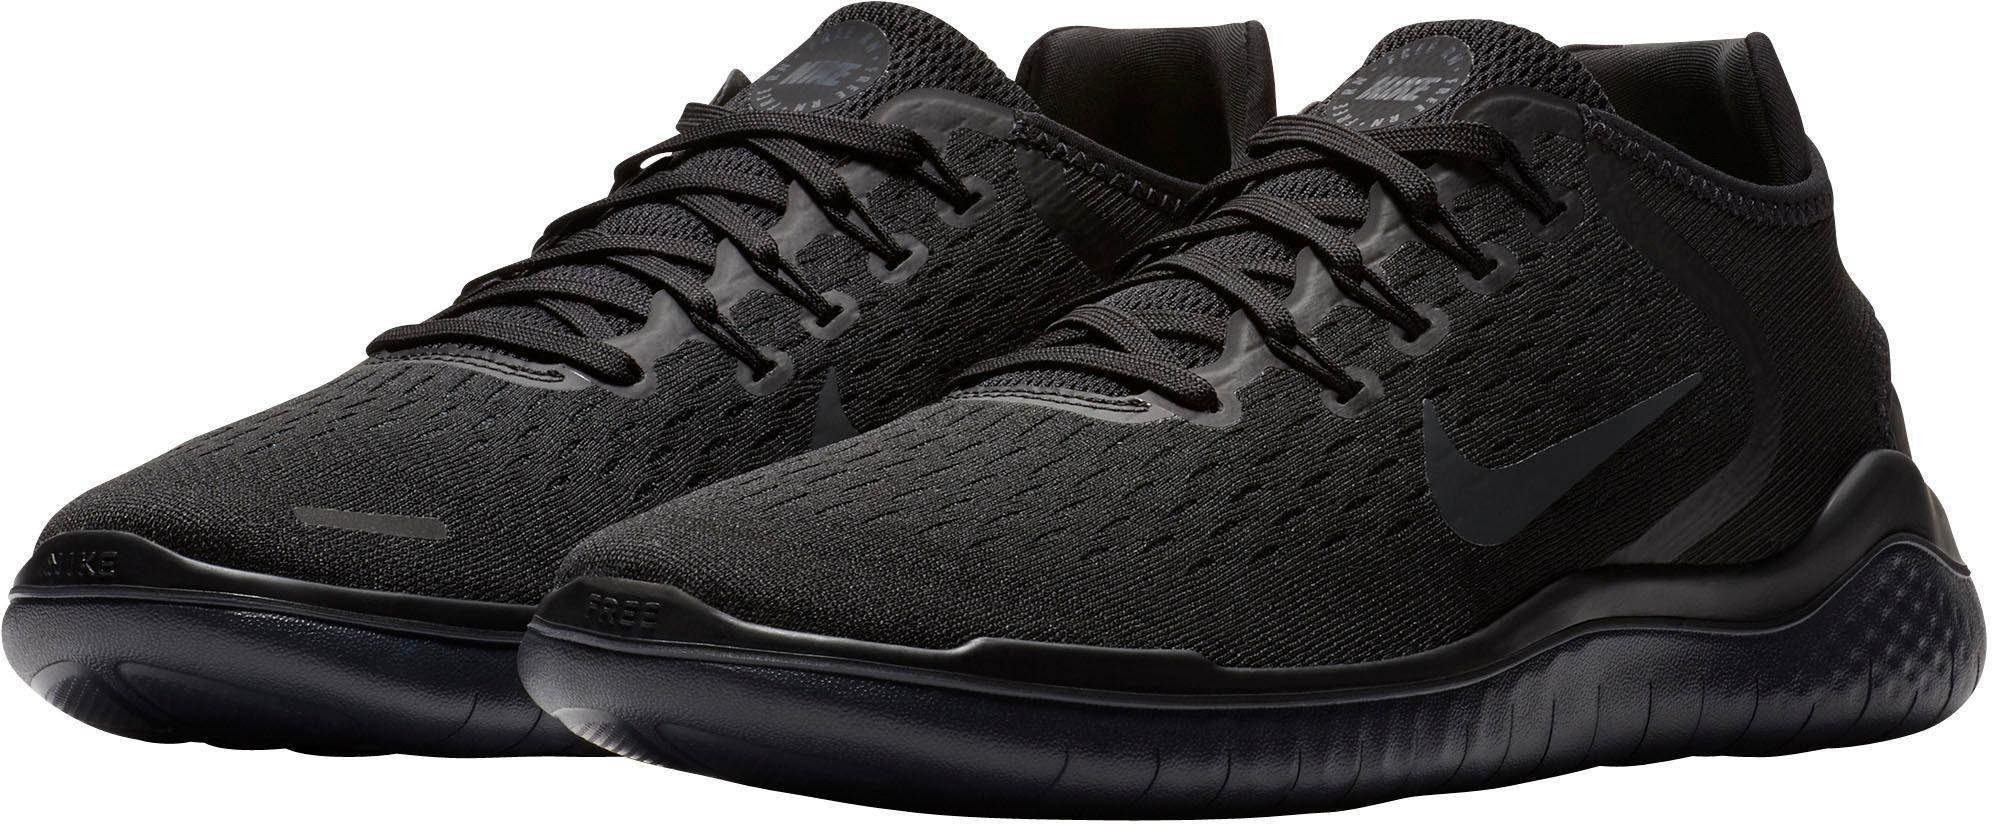 Nike »Free Run 2018« Laufschuh, Ultra leichter Laufschuh von Nike online  kaufen | OTTO